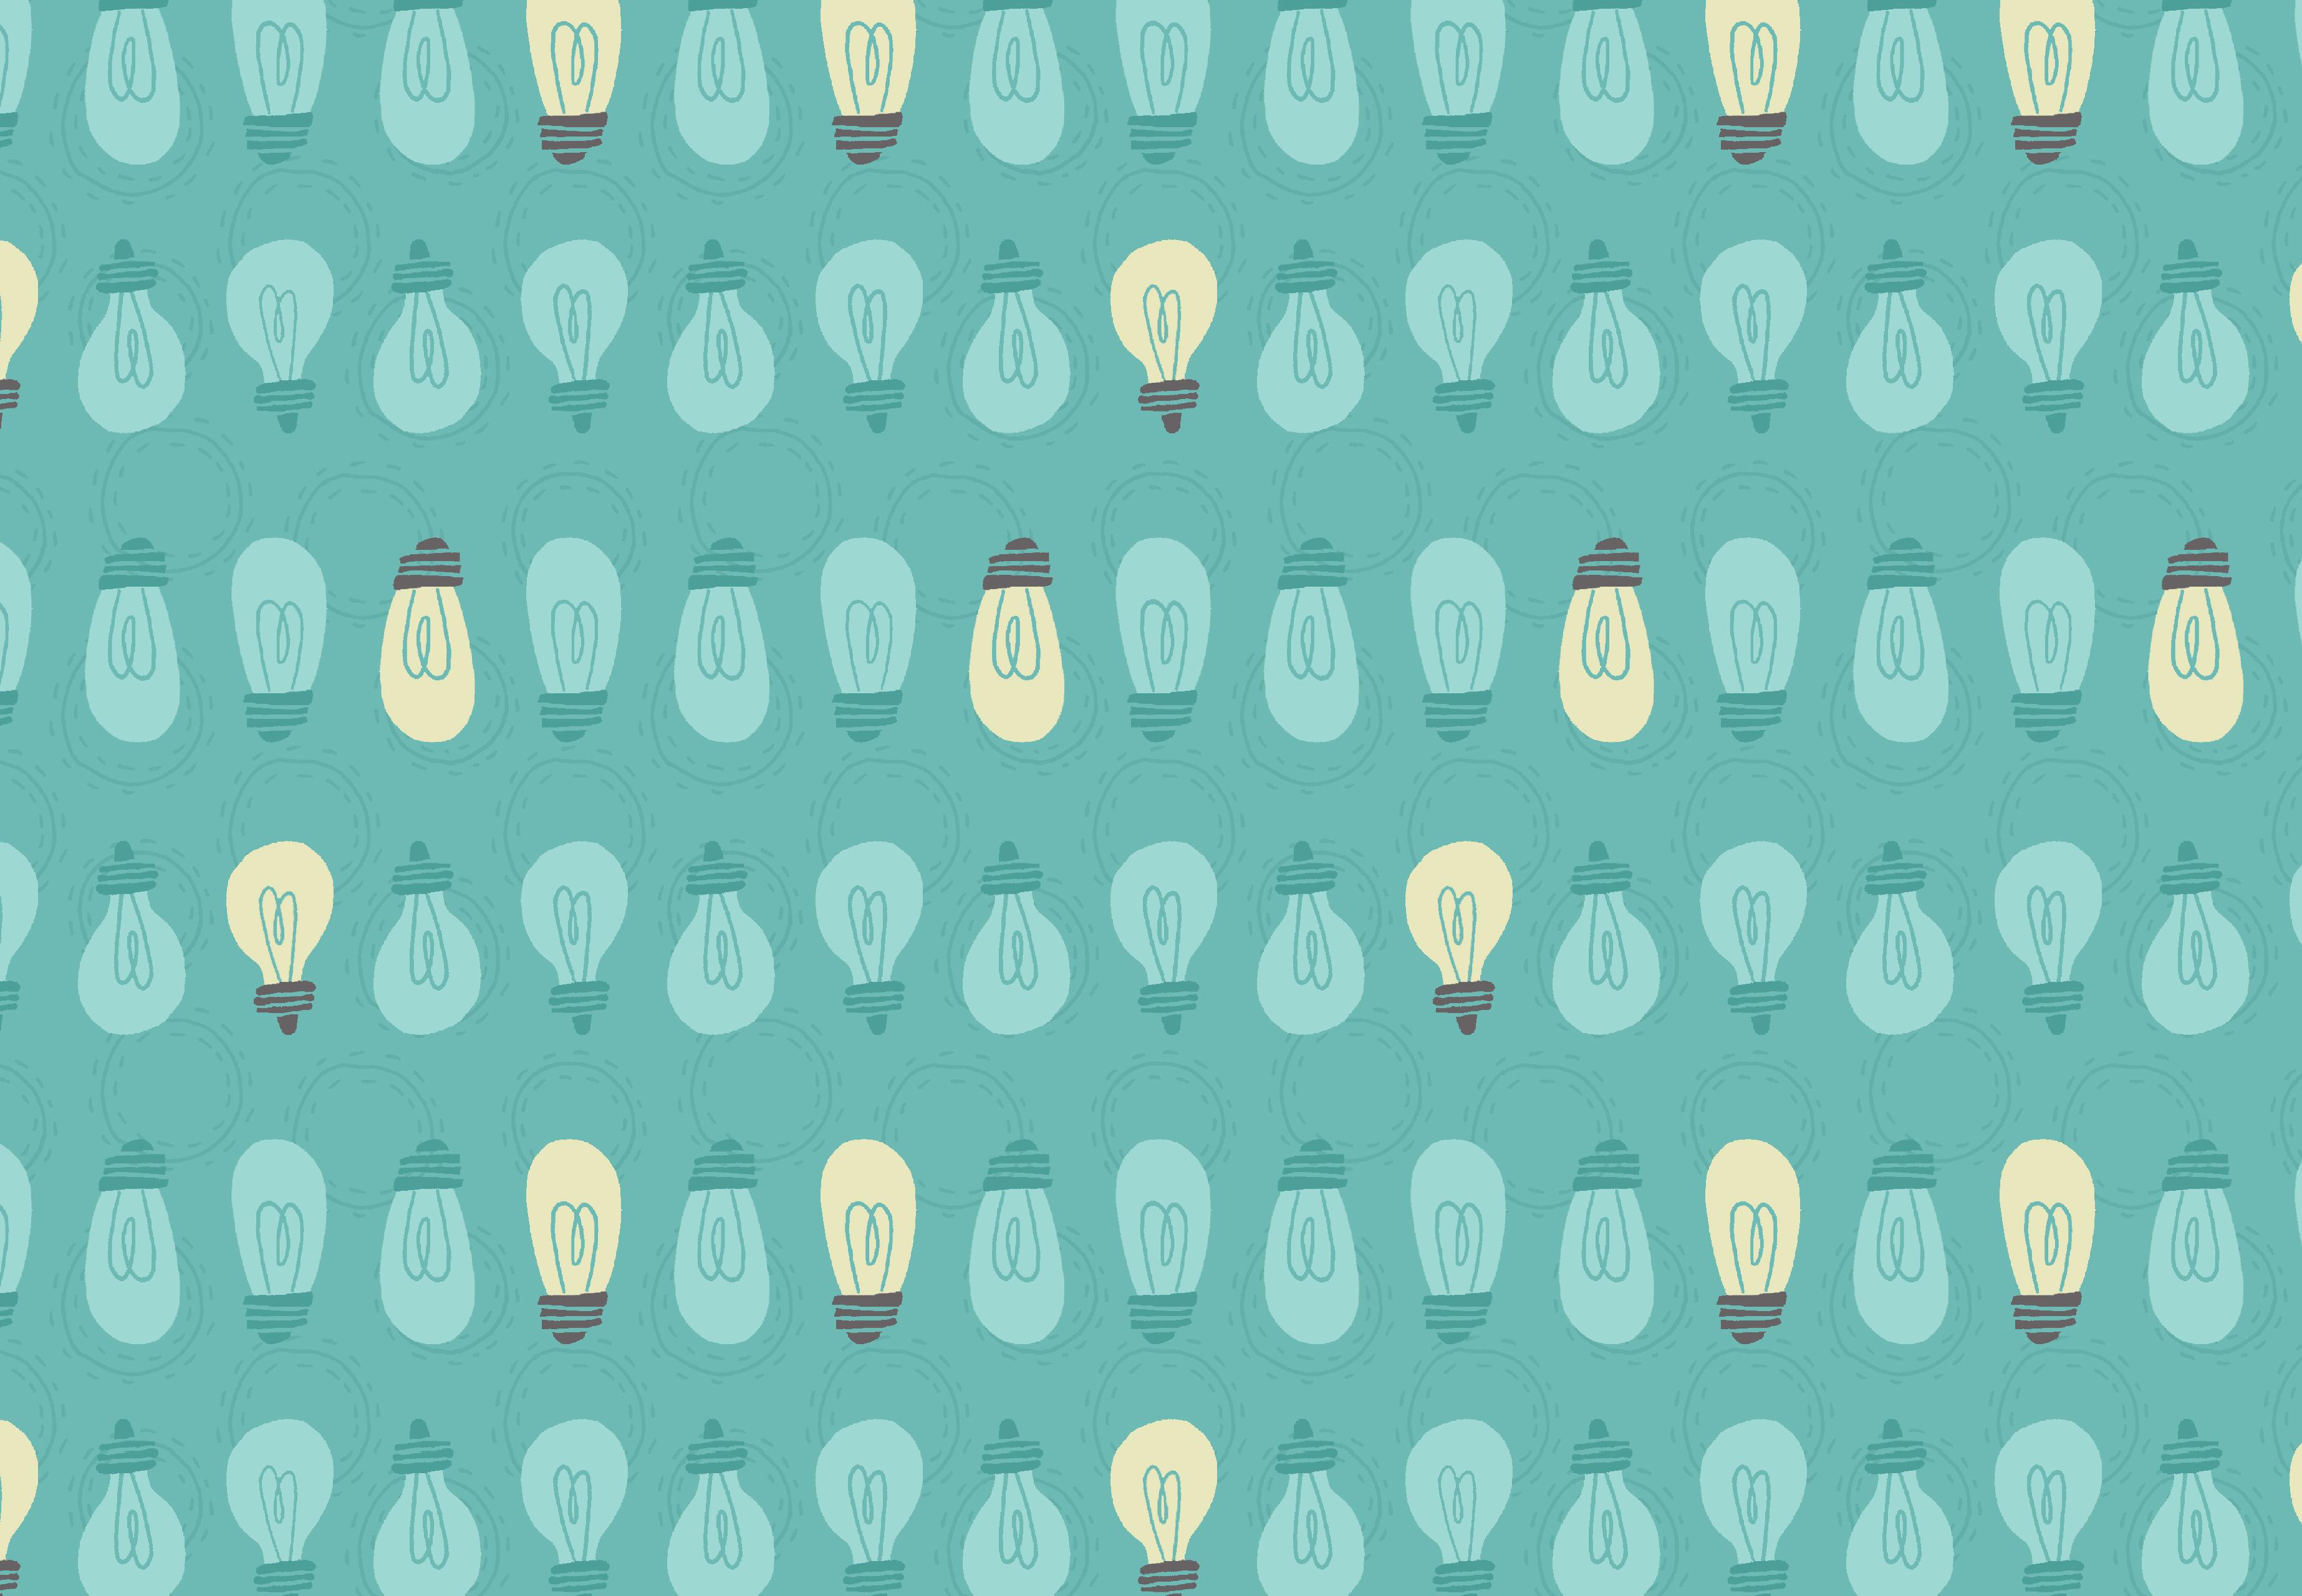 Pretty Pattern Wallpaper 4K 3692x2560 Wallperiocom 3692x2560